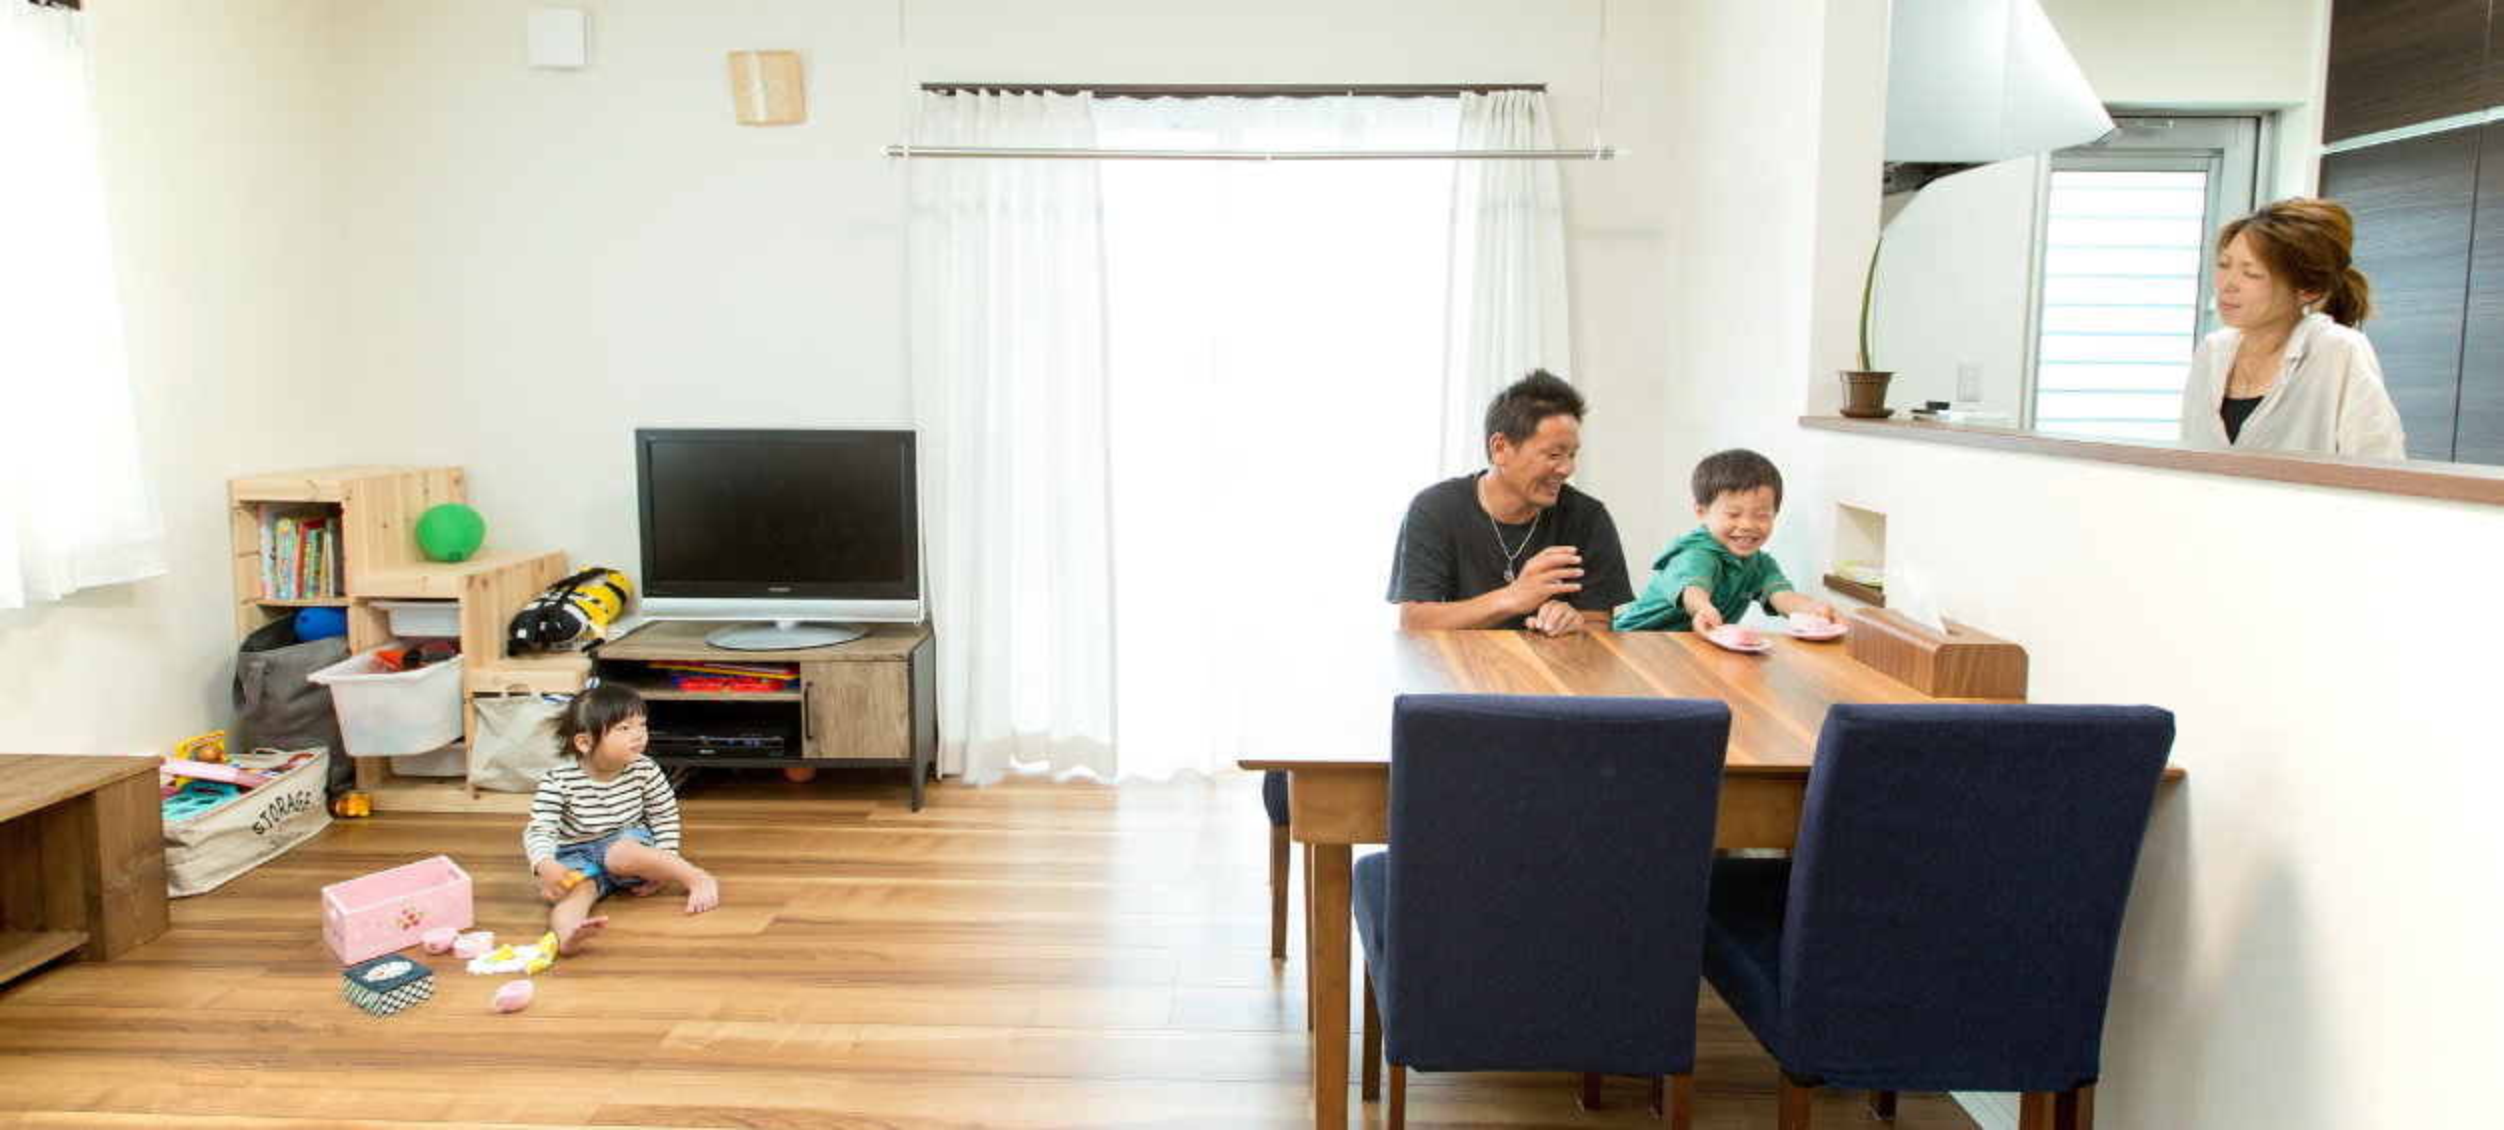 家族の笑顔と絆を守る安心で快適な家